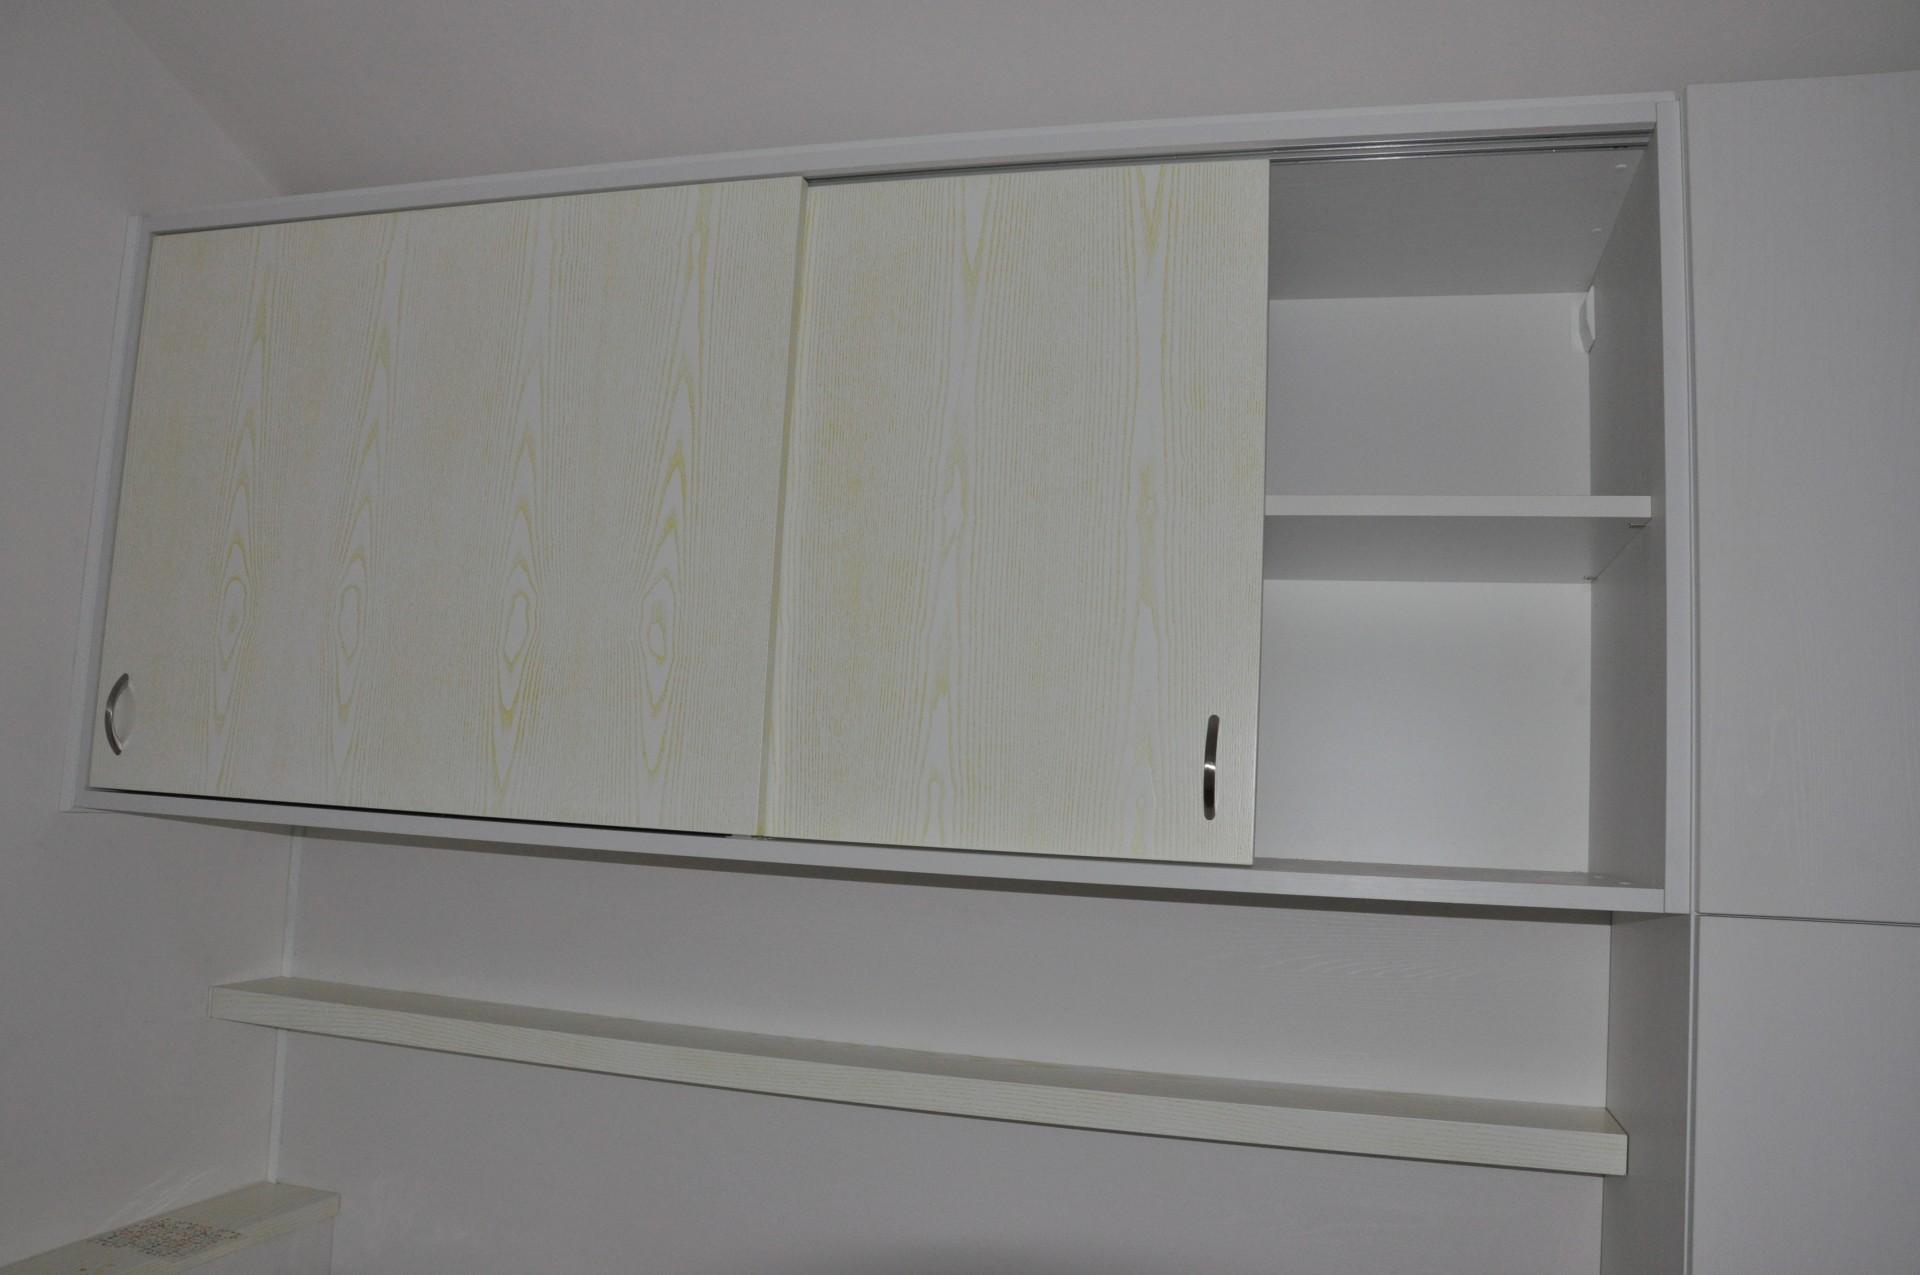 Excellent camera per bimbo su misura a milano with foto di camere da letto per bambini - Camerette usate brescia ...